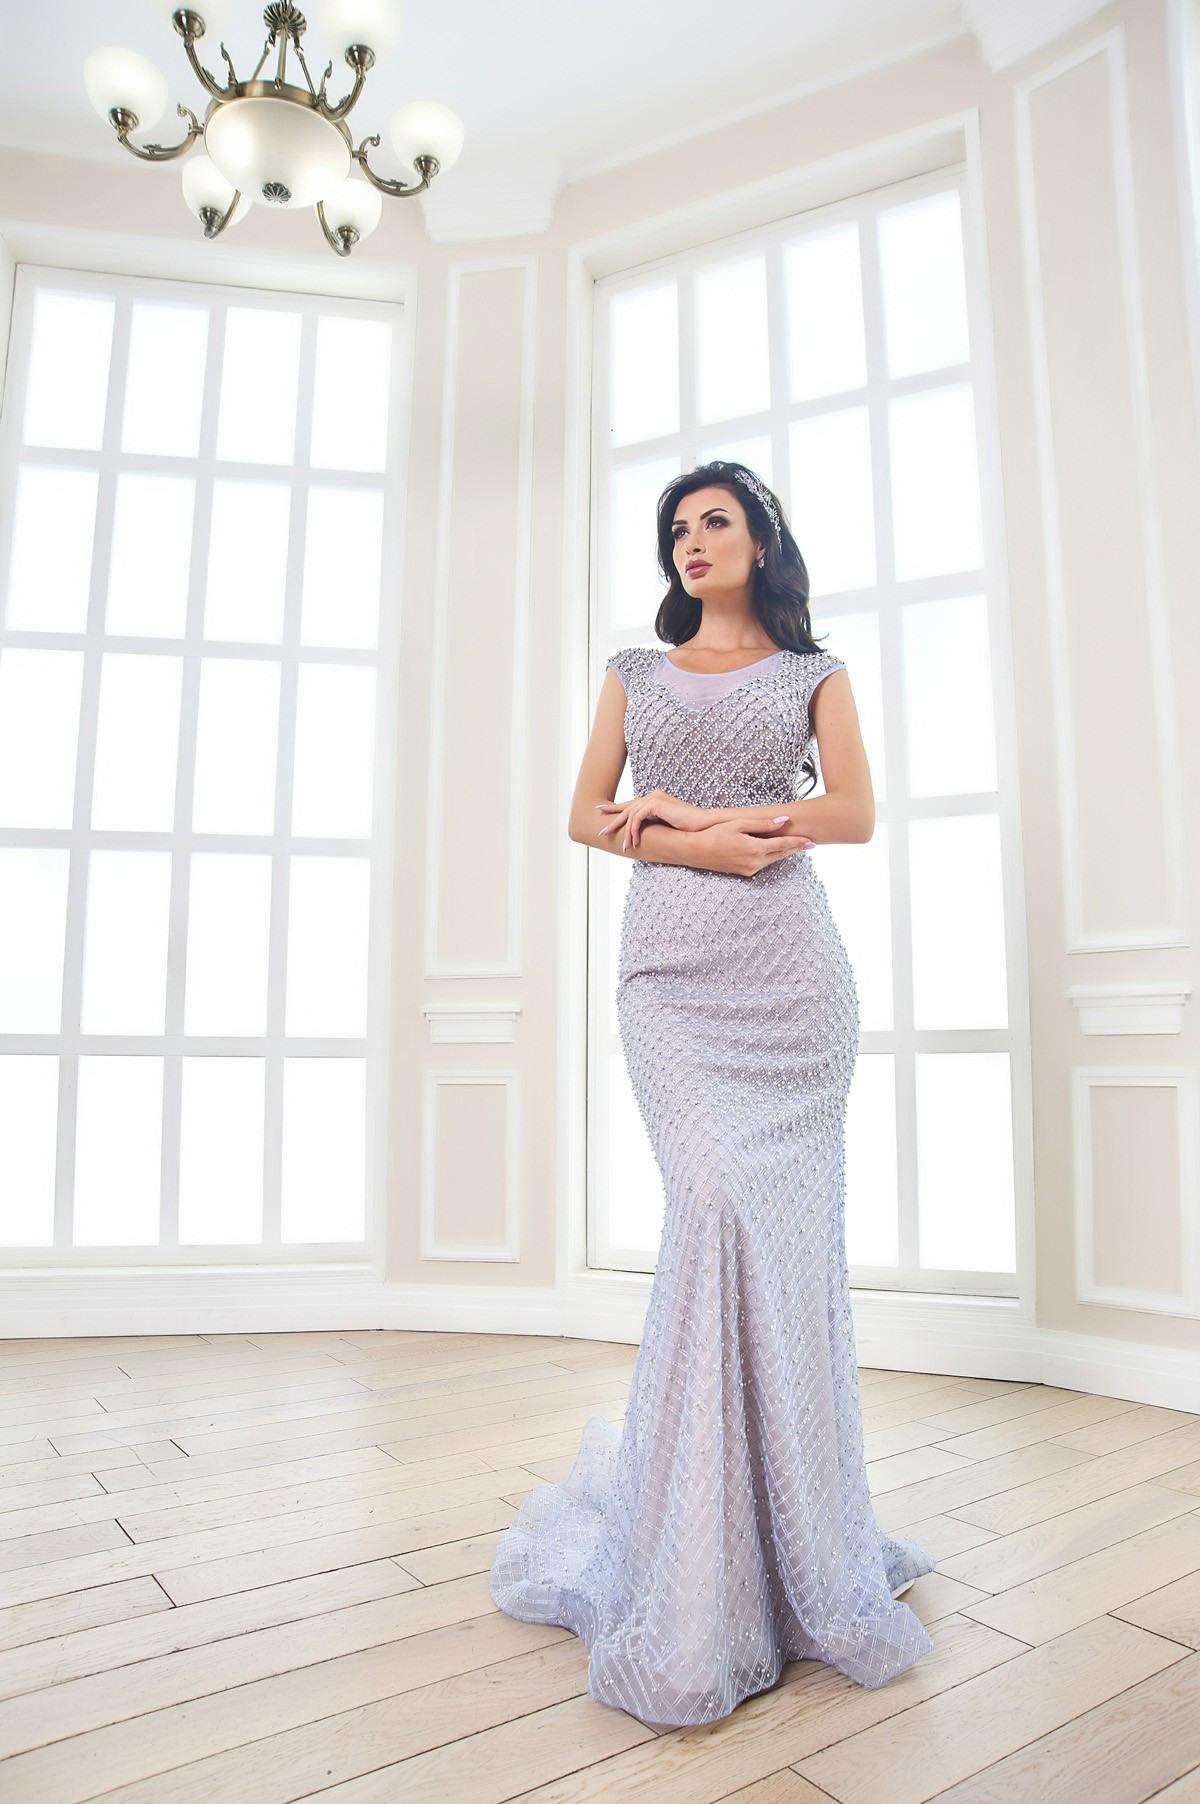 17 Schön Abend Kleid Mieten Stylish10 Perfekt Abend Kleid Mieten Vertrieb